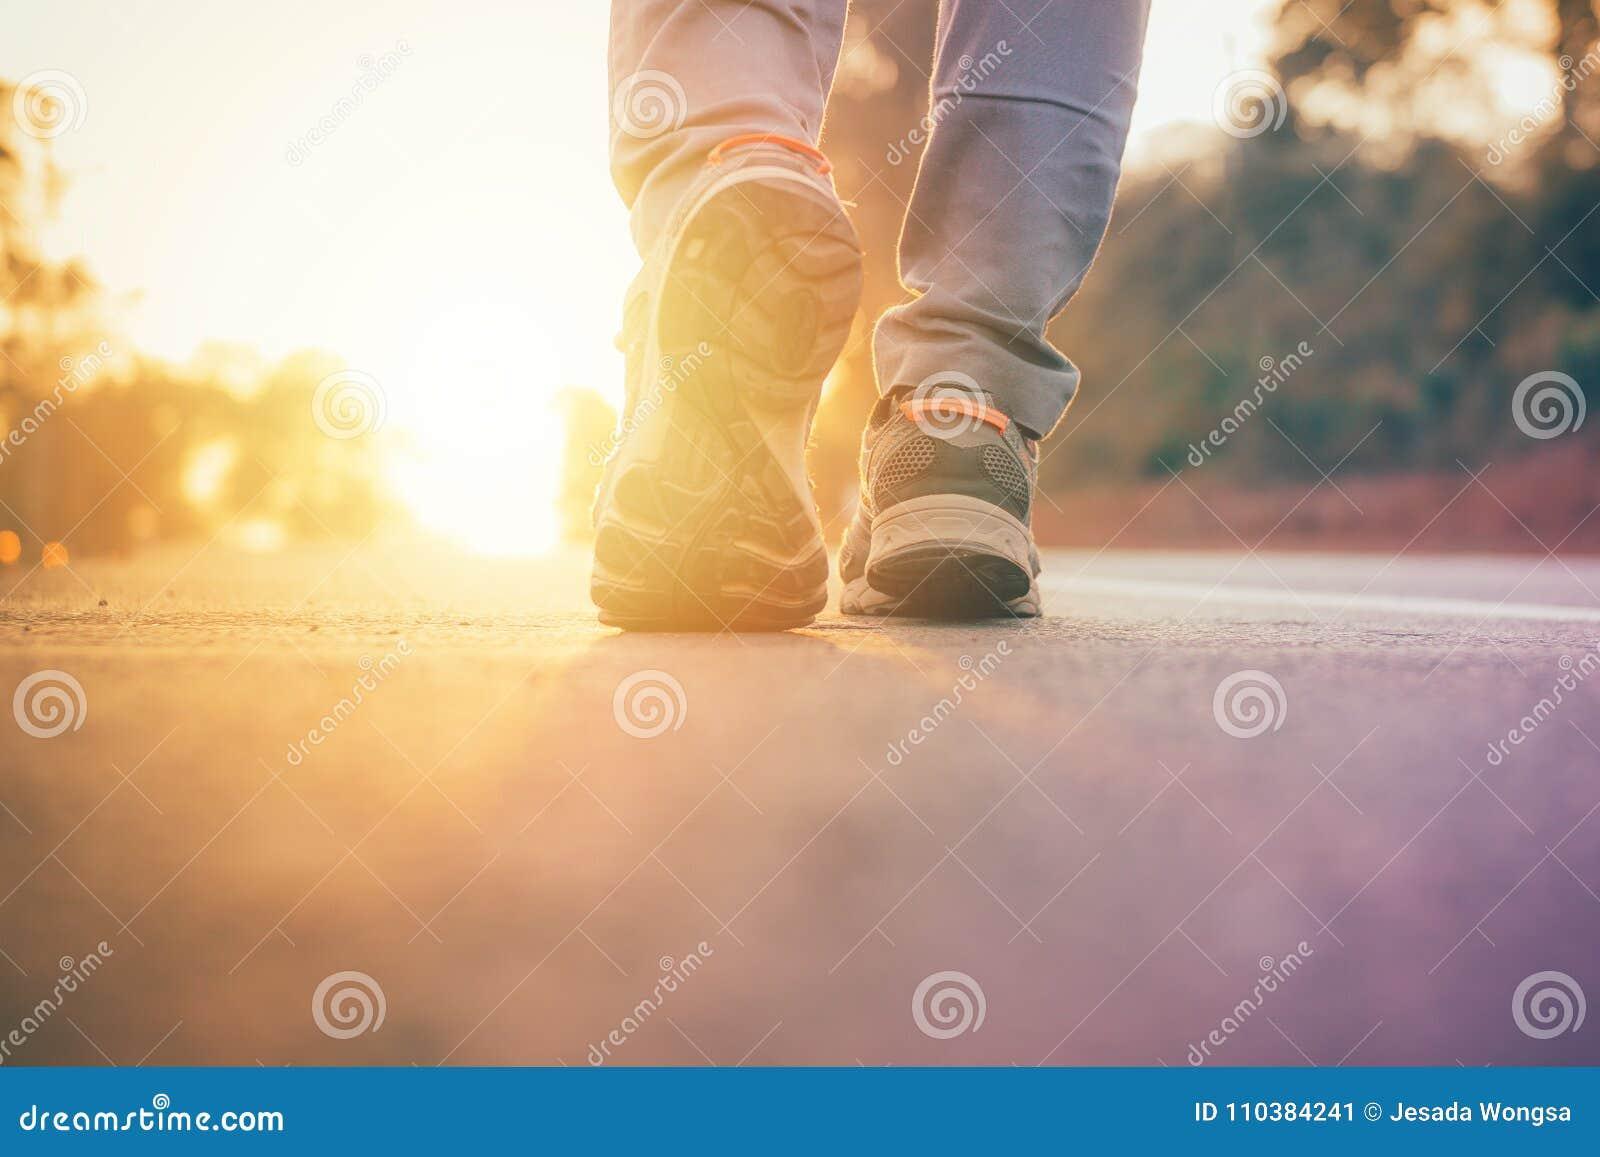 De mens die op weg met zon lichte gloed lopen, sluit omhoog op de trainingwellness van de schoenjogging na het werk